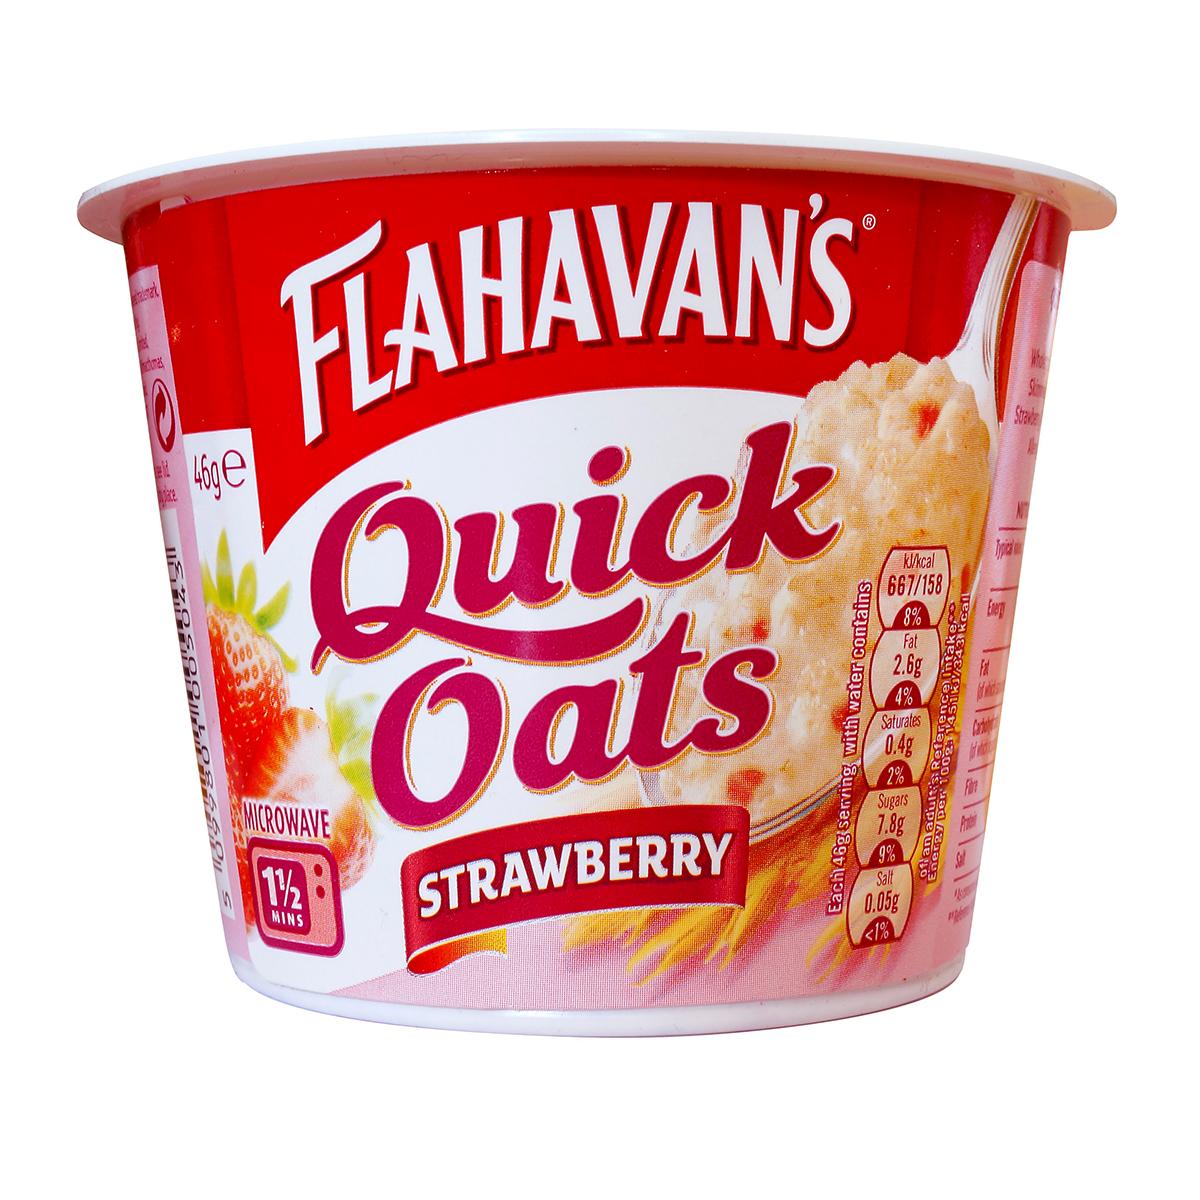 Flahavan's Quick Oats Original (44gm)